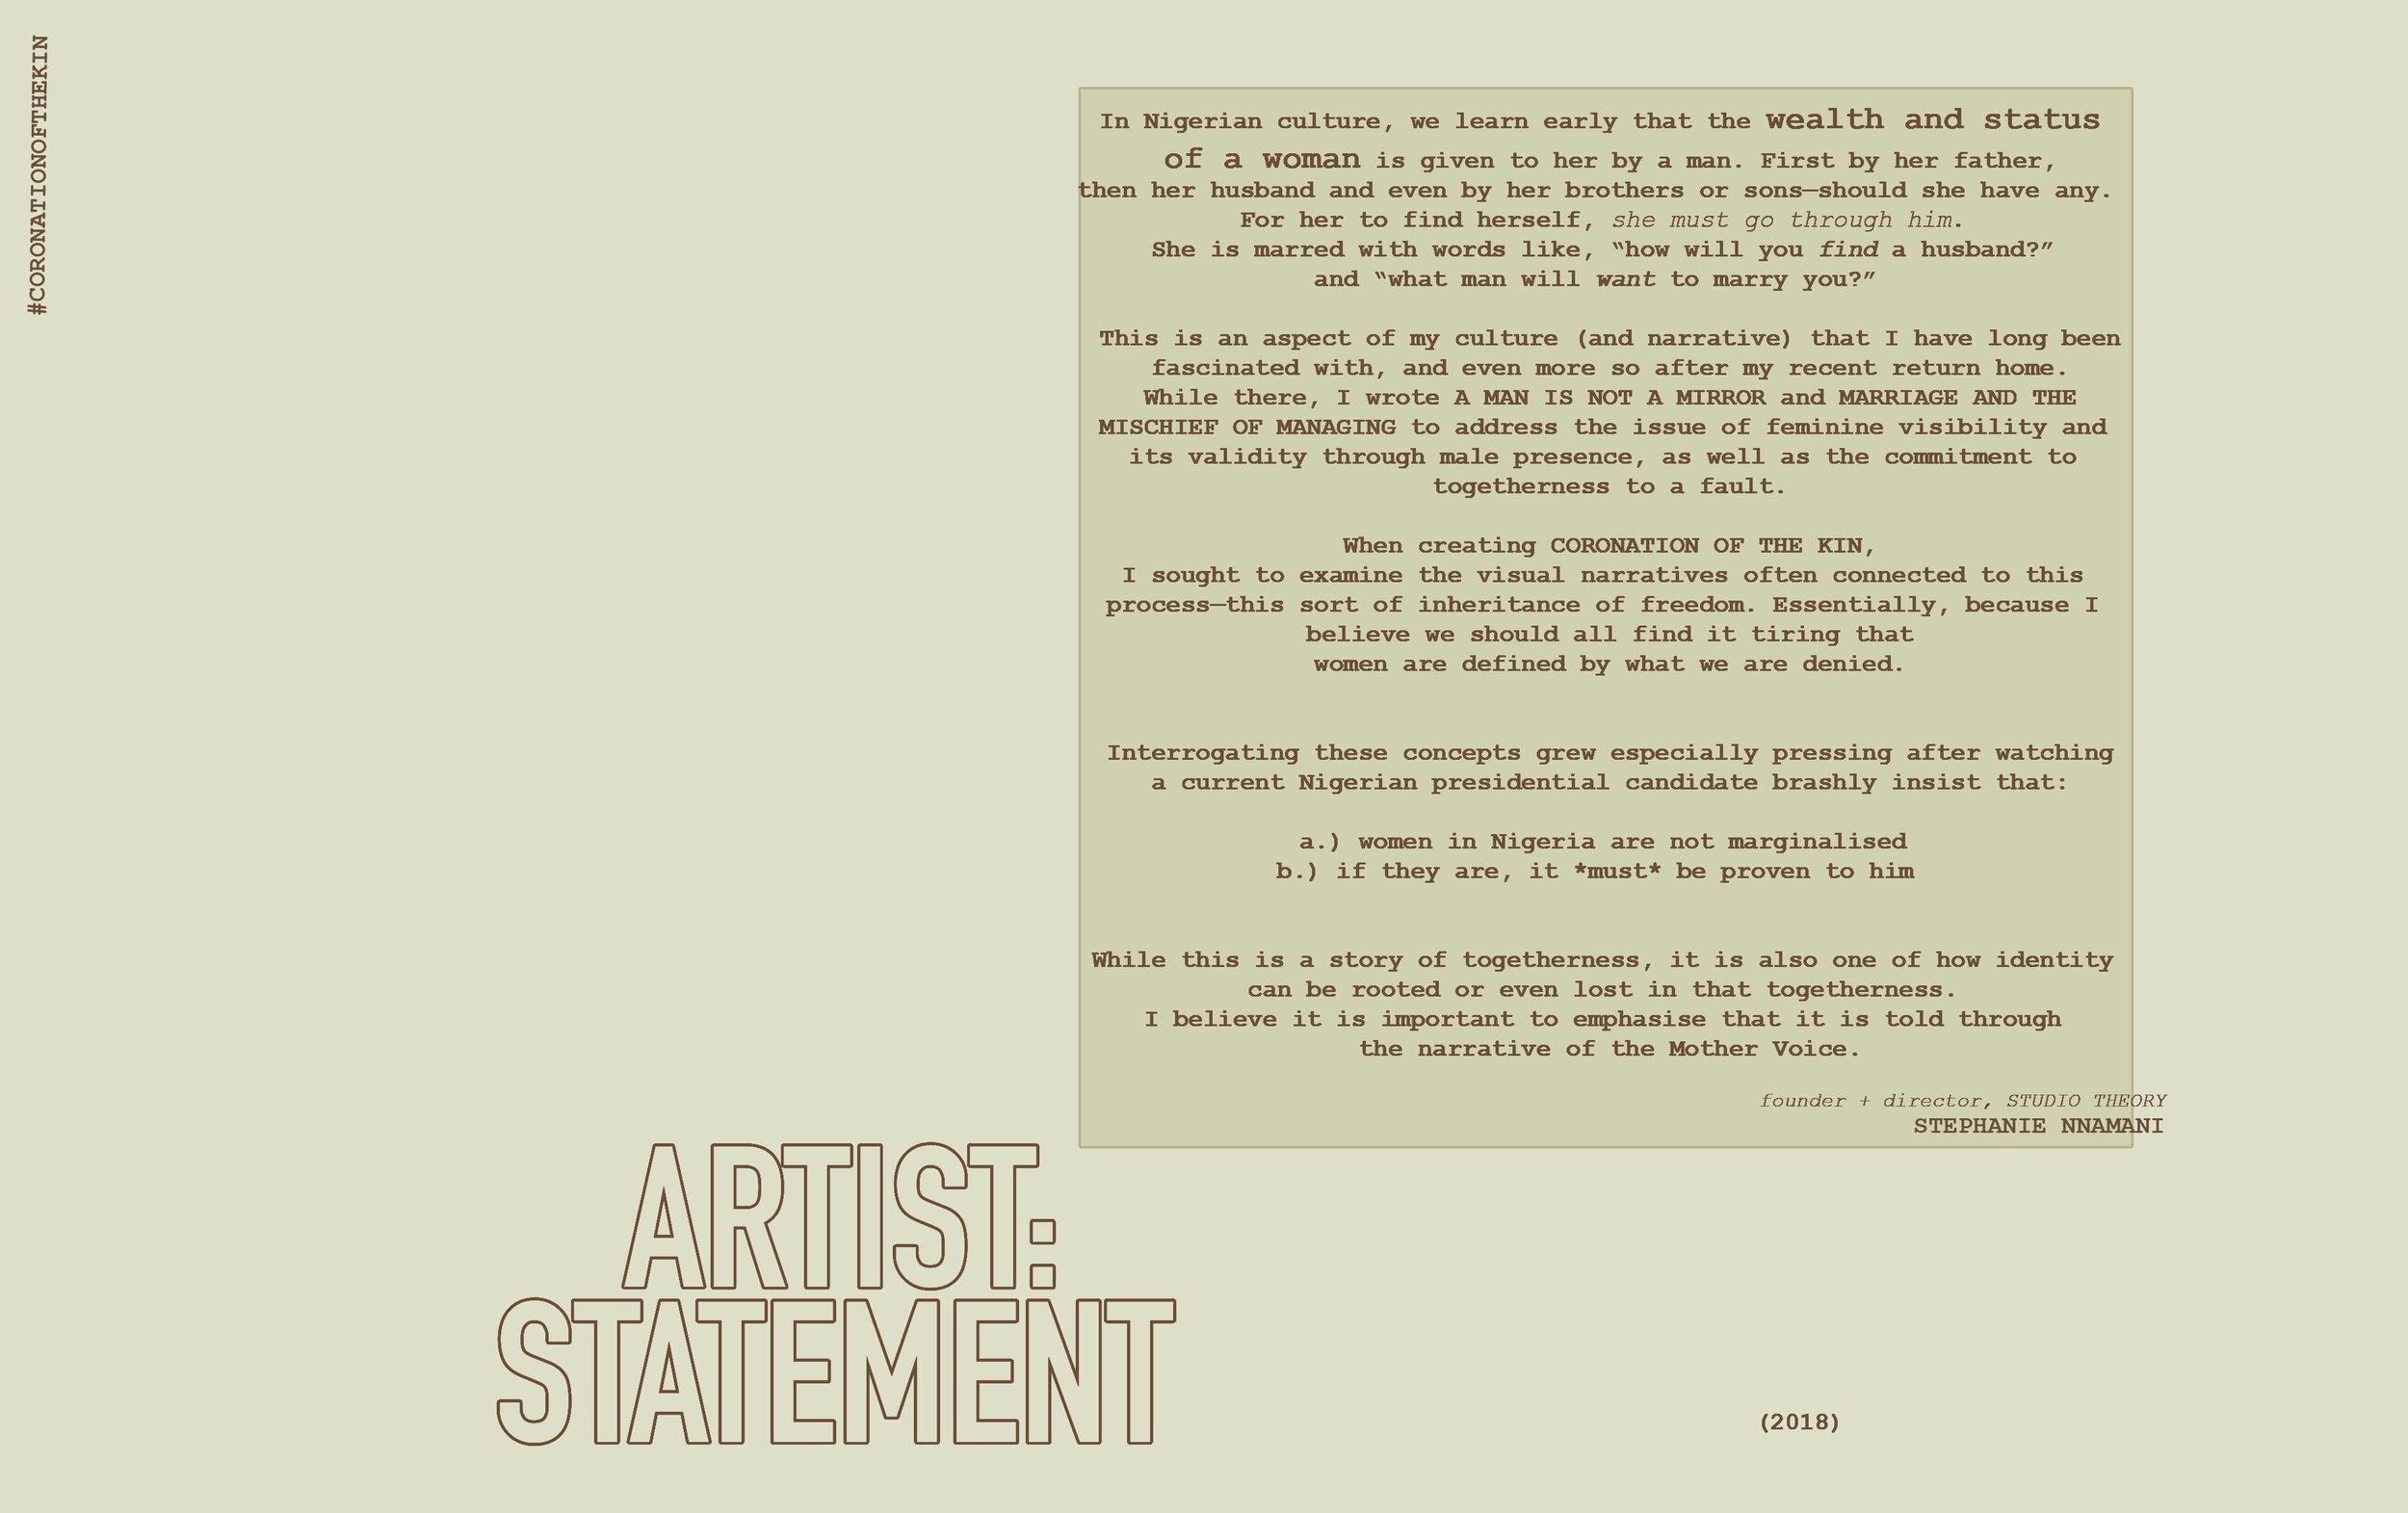 COTK ARTIST STATEMENT.jpg